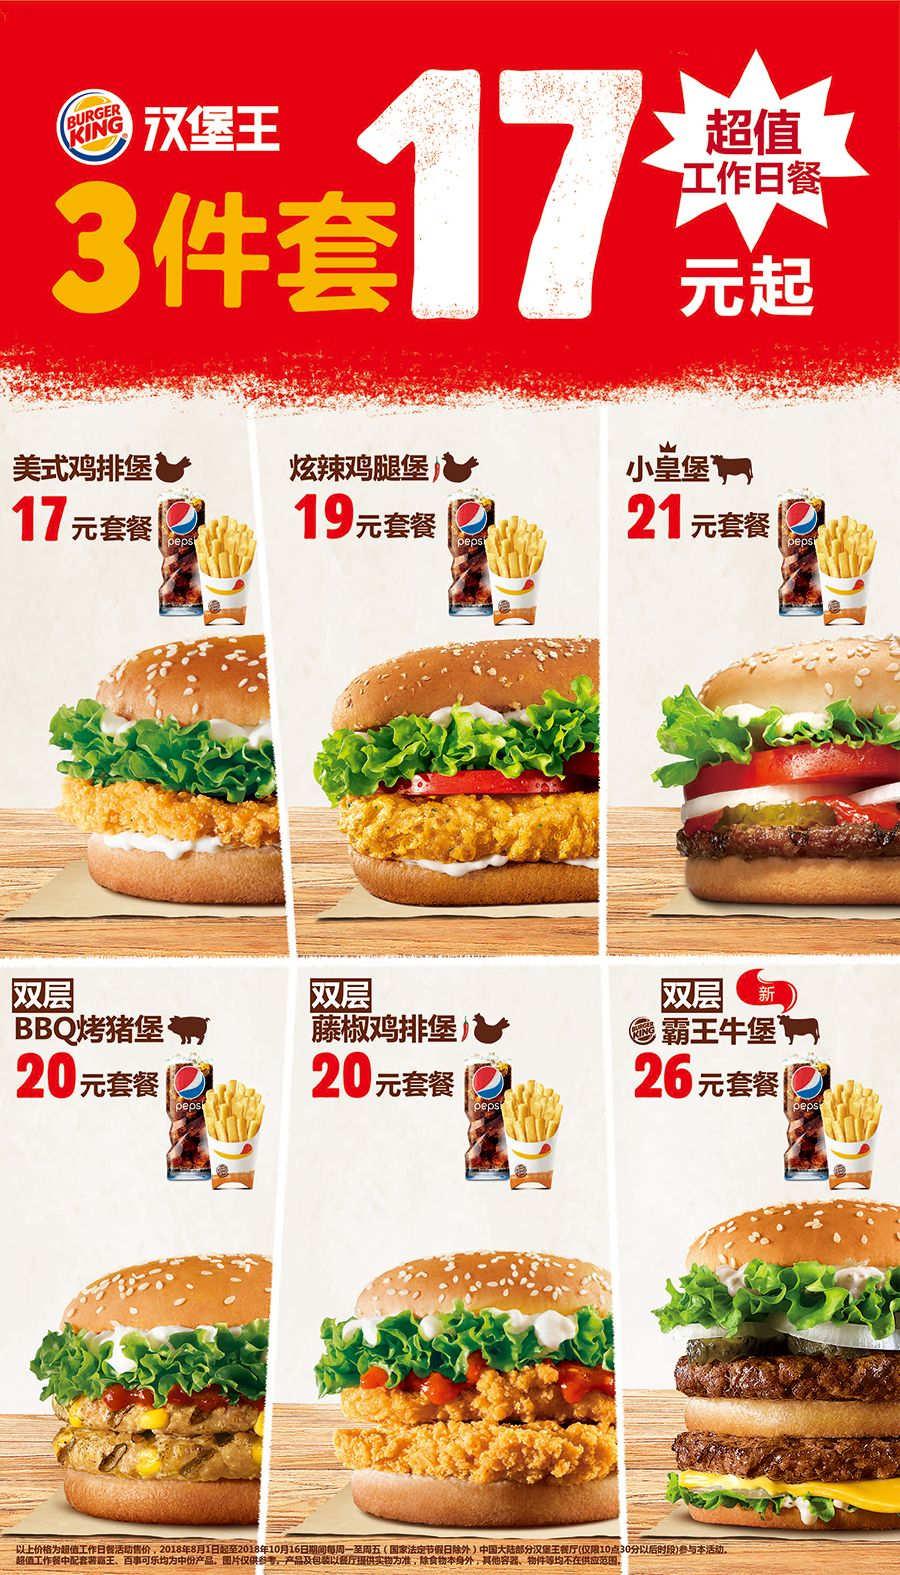 汉堡王超值工作日餐17元起,套餐含汉堡+薯条+饮料3件套 有效期至:2018年10月16日 www.5ikfc.com